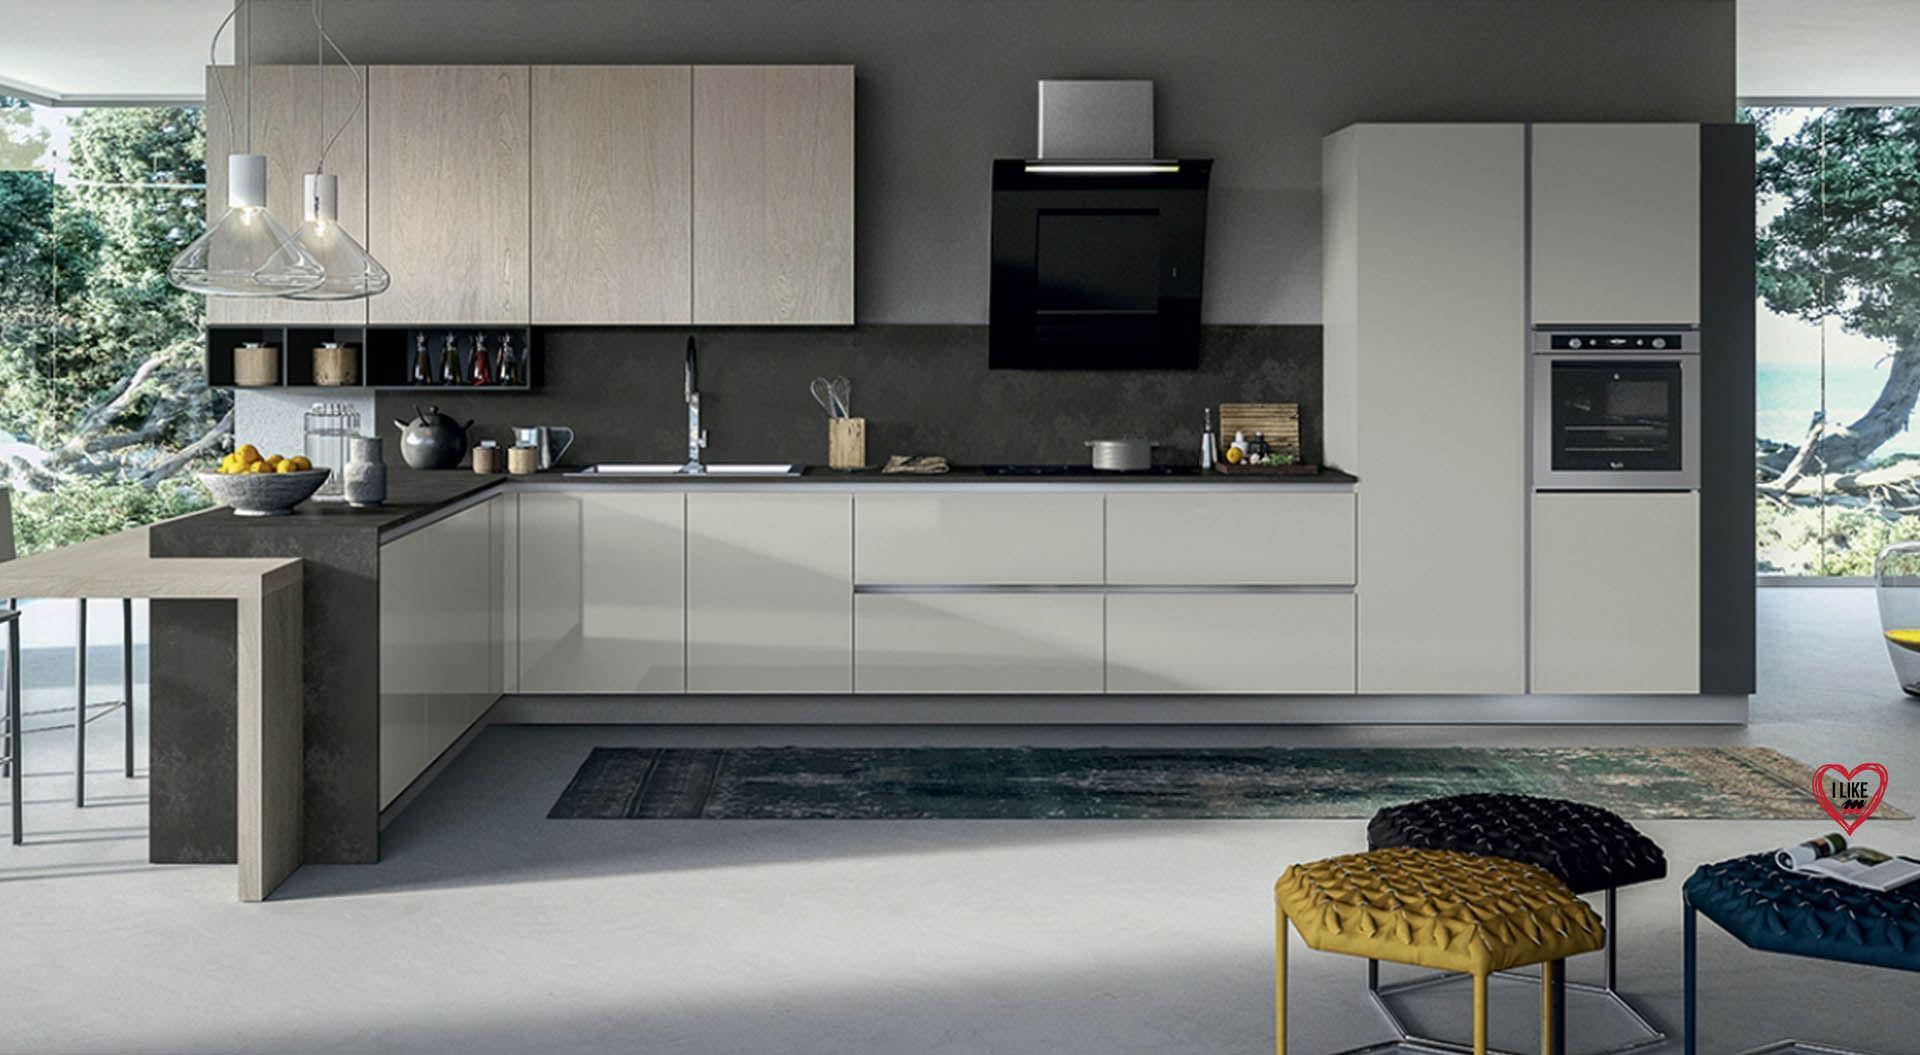 Cucine moderne con penisola padova for Idee cucine piccole